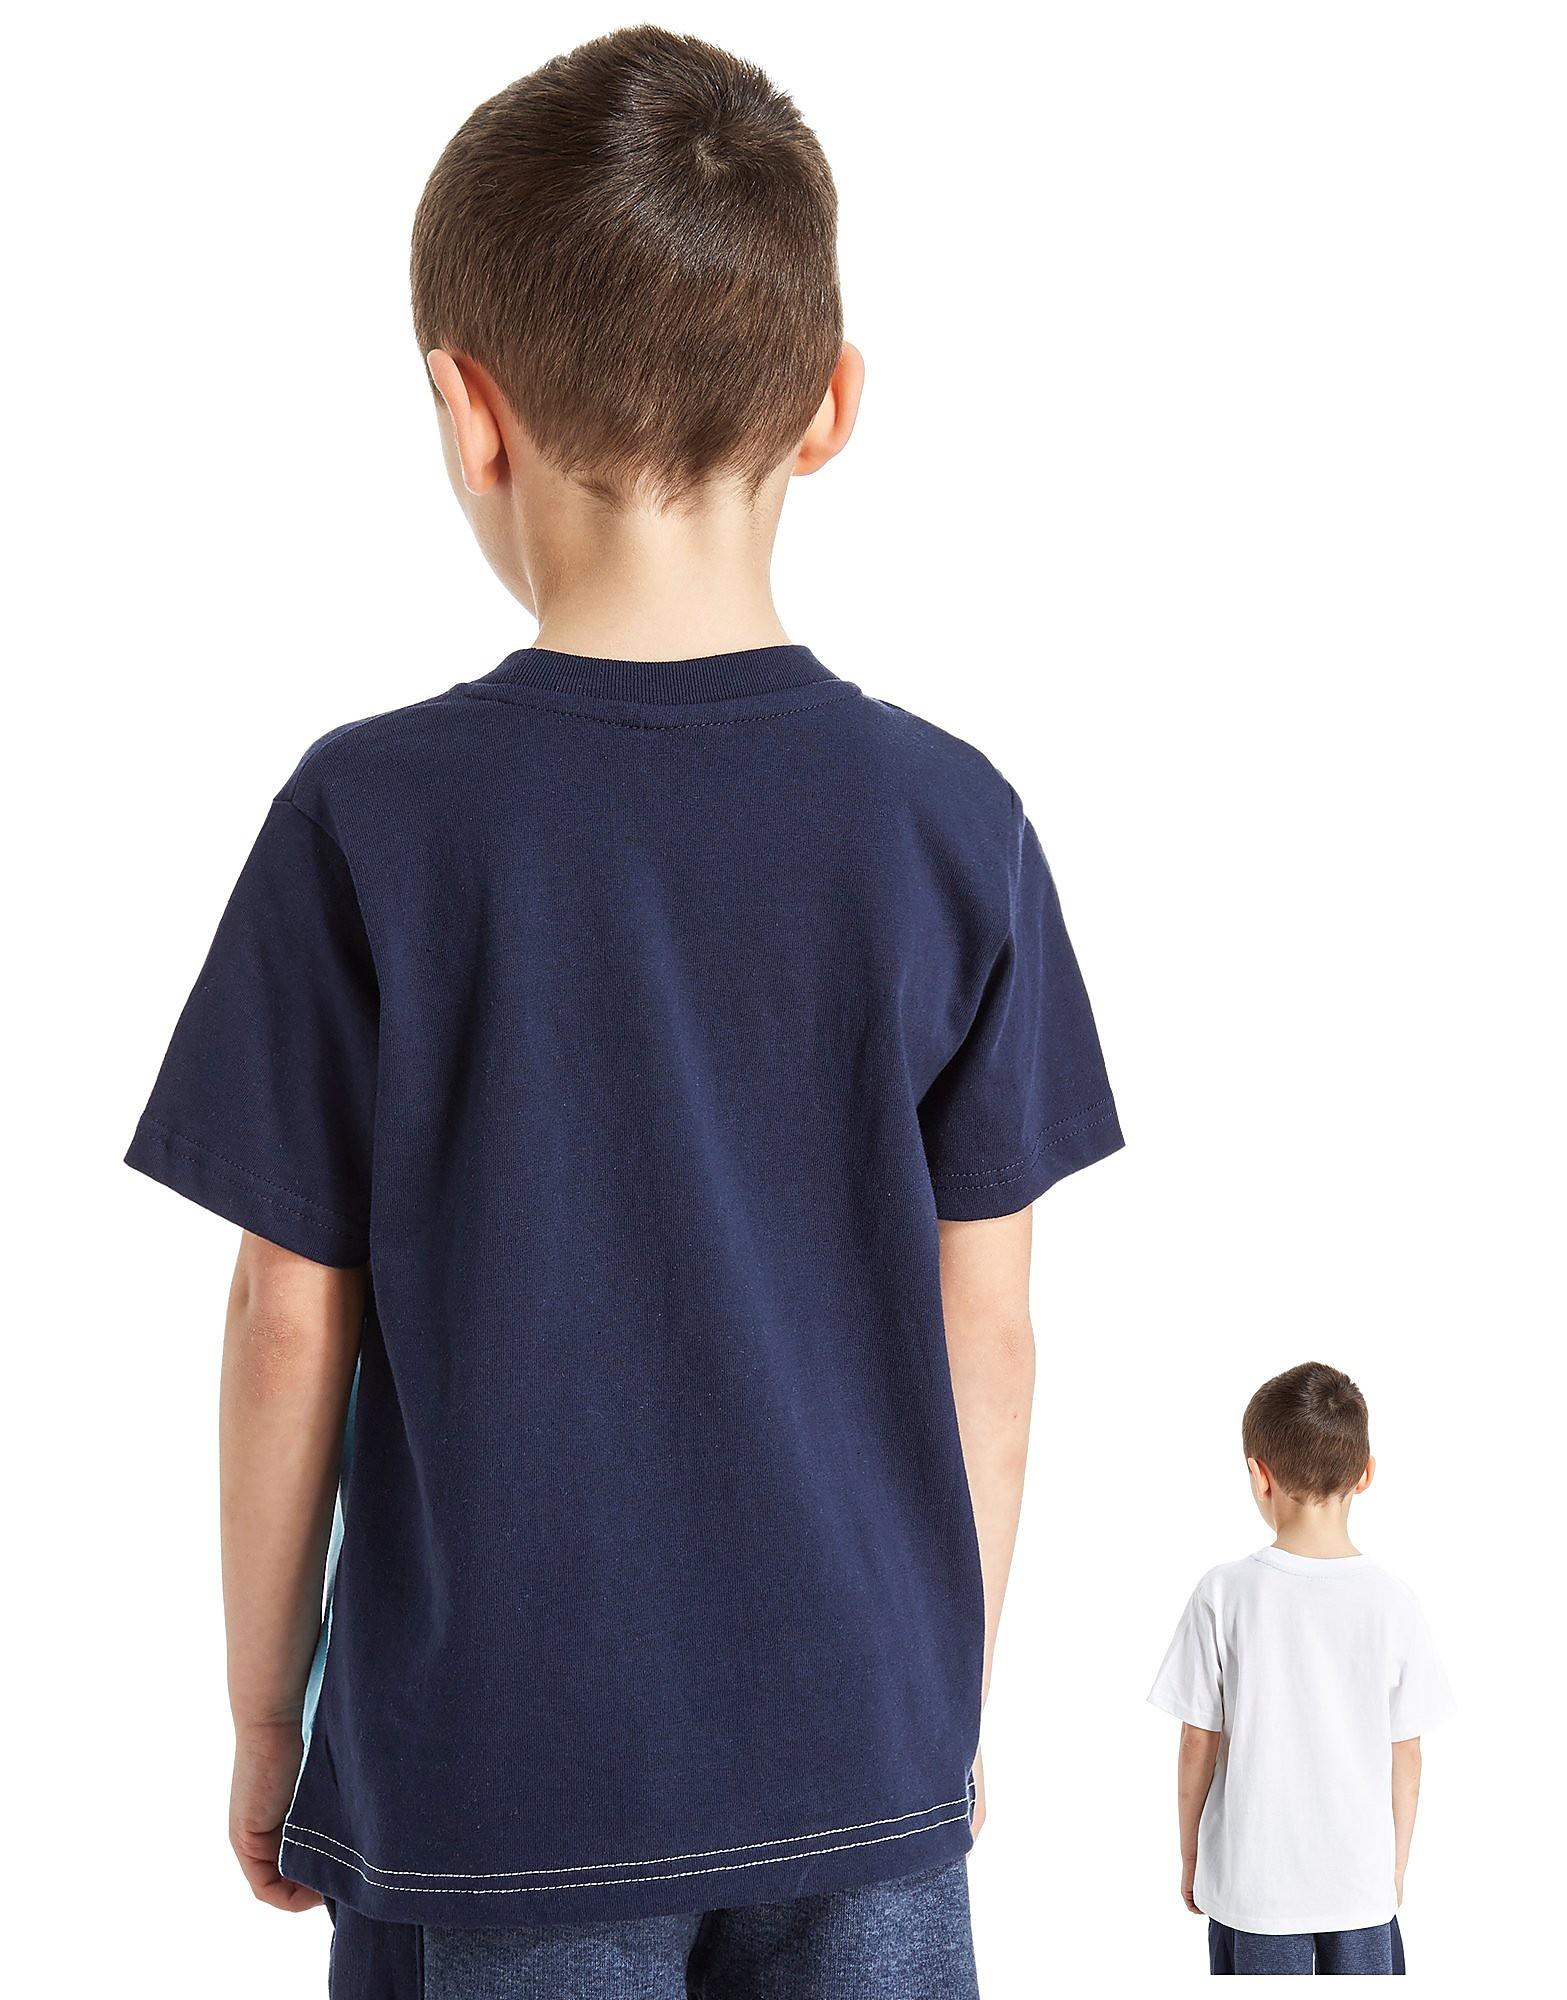 McKenzie Jessop T-Shirt Children